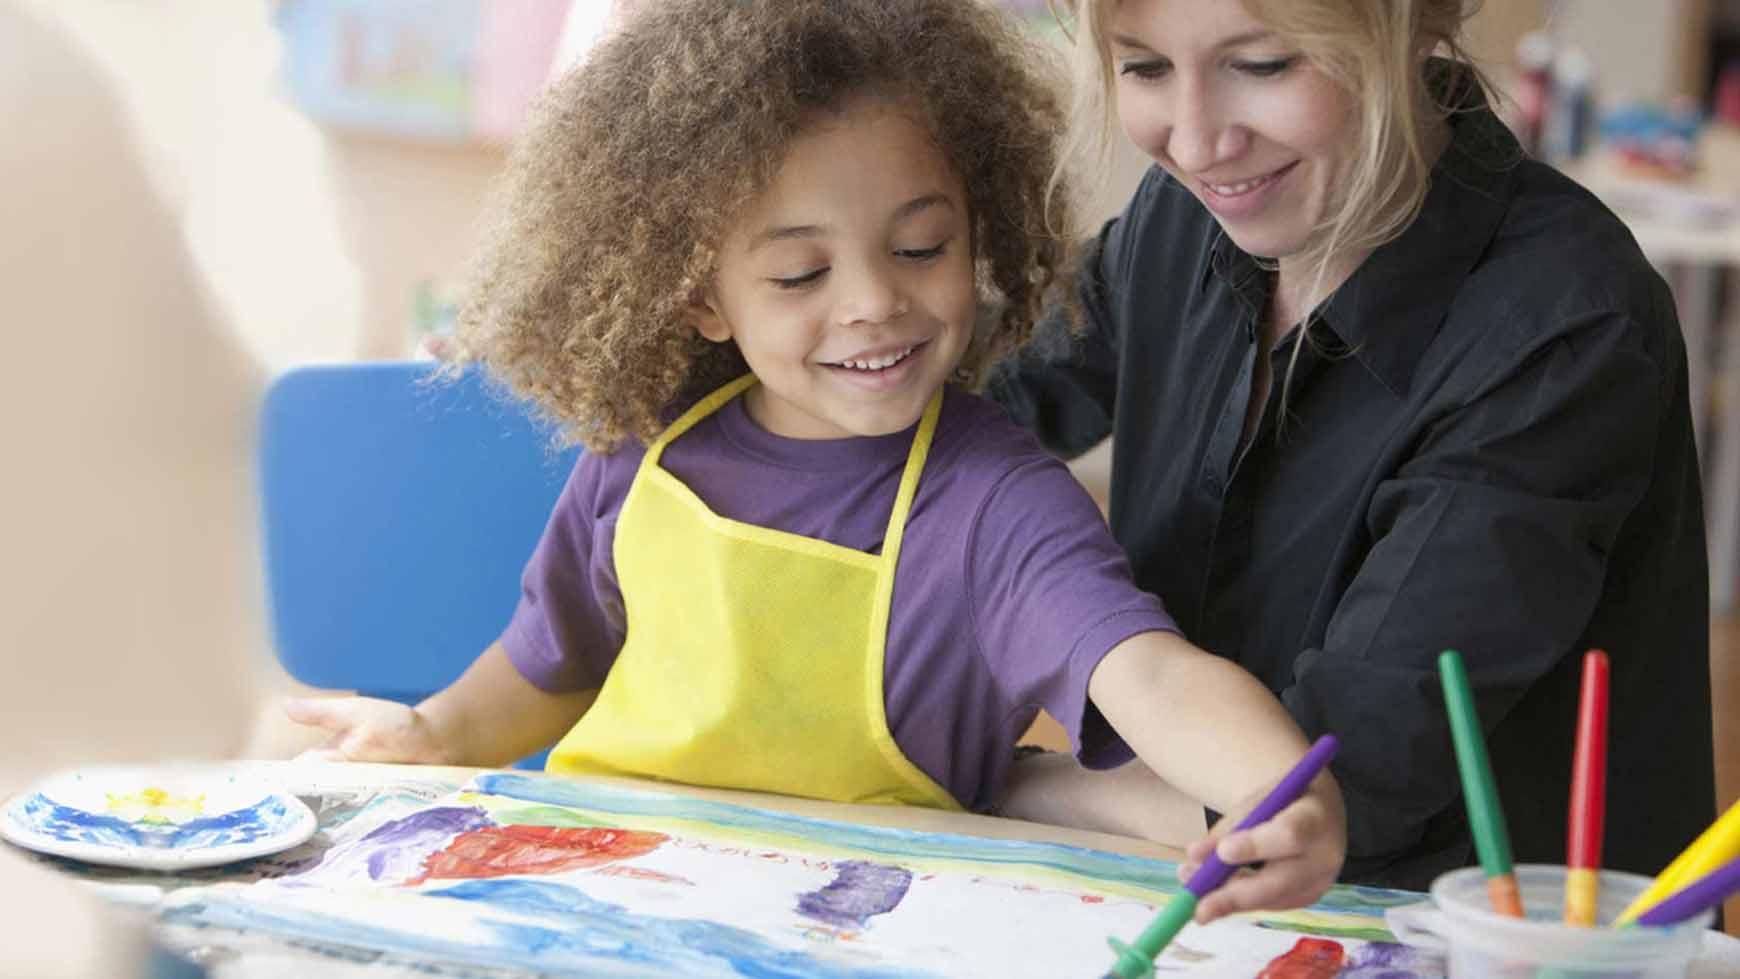 دوره مربی گری تربیت کودک خلاق به روش مونته سوری - موسسه روانشناسی آرامش اندیشه تبریز